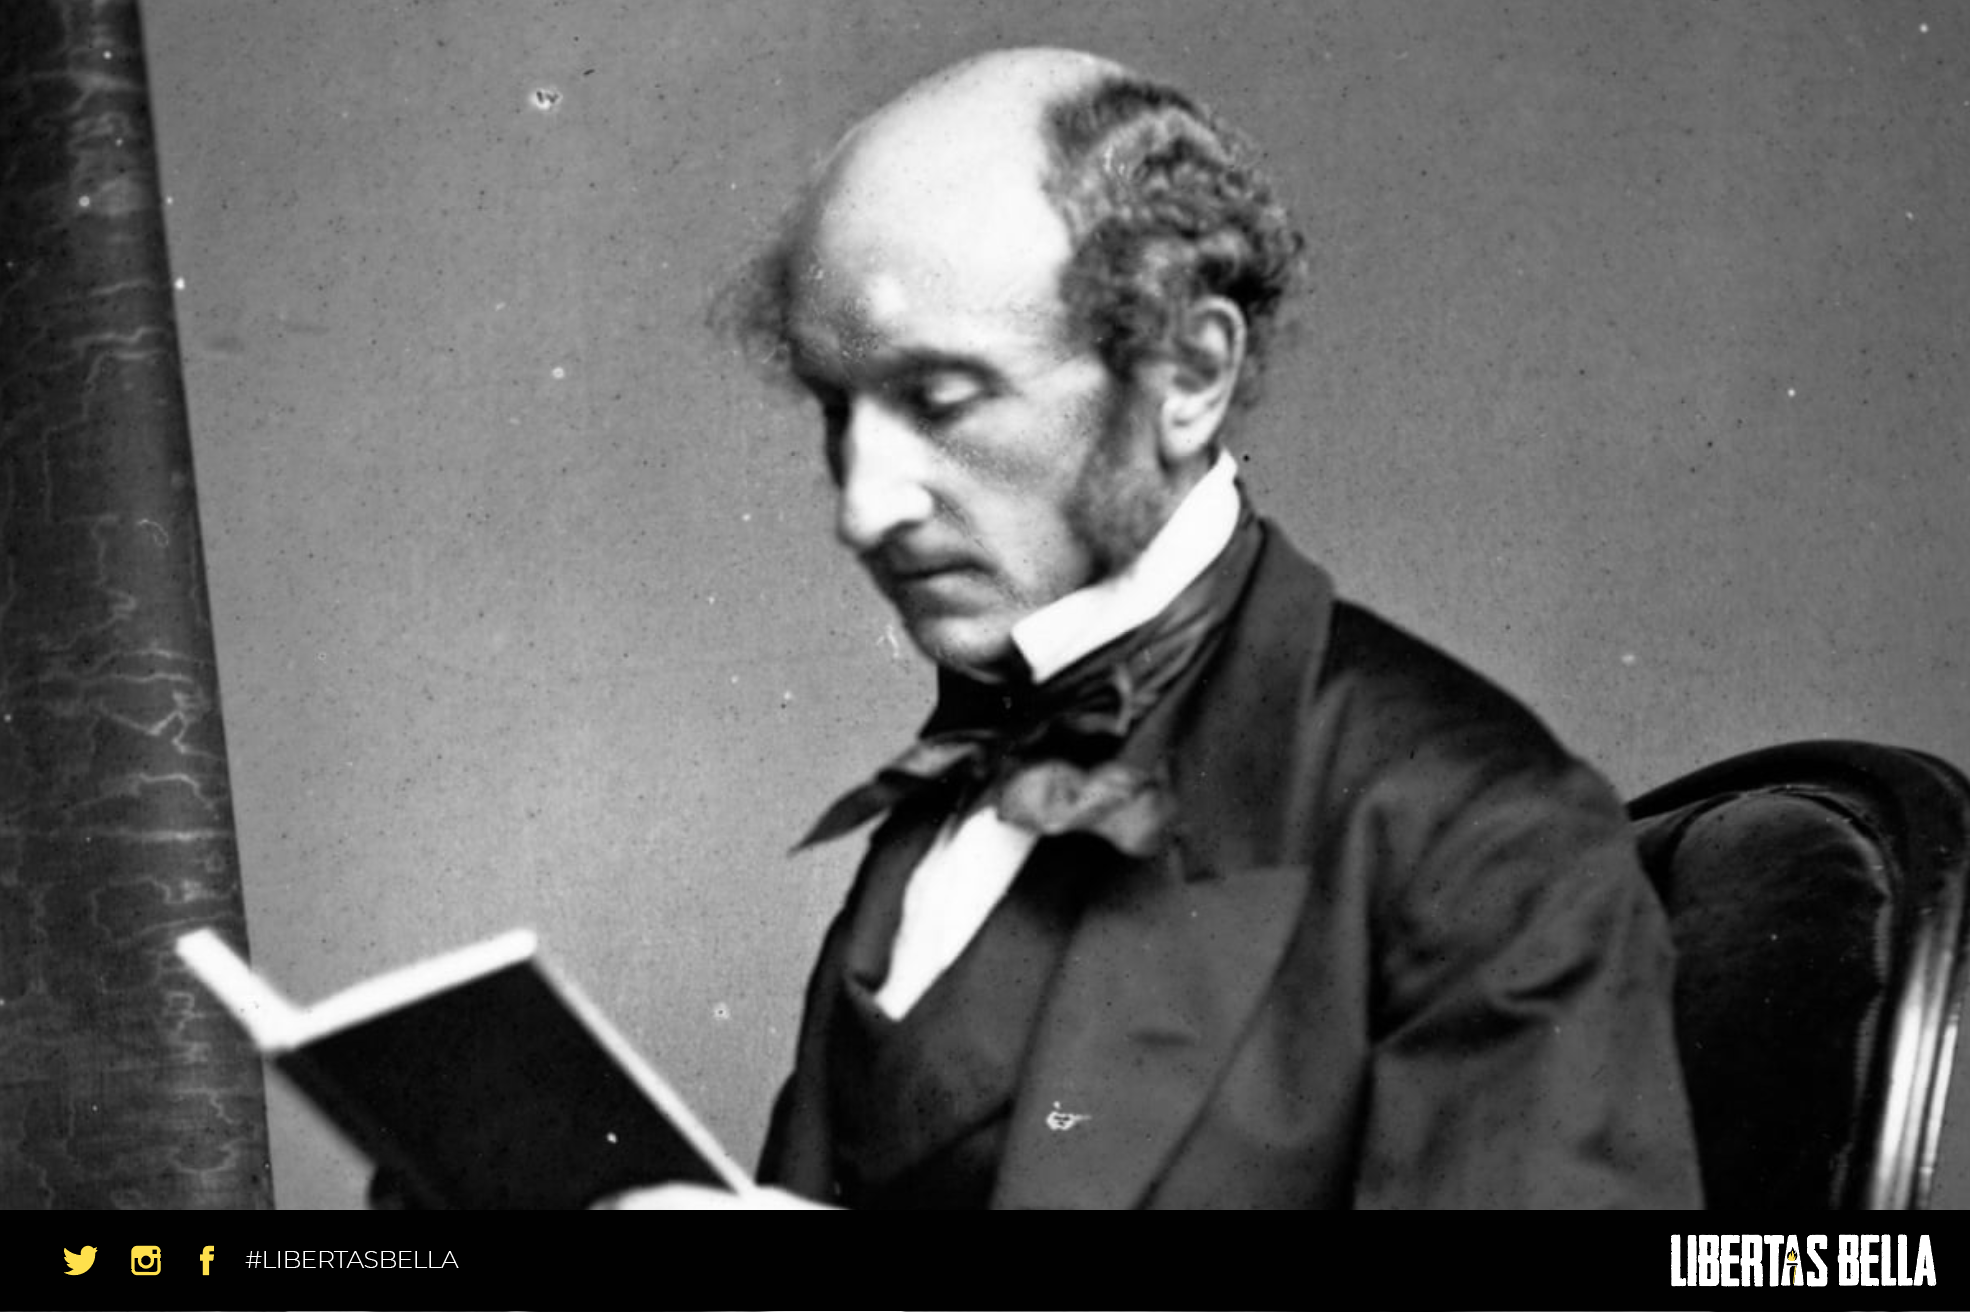 John Stuart Mill Quotes - John stuart mill reading a book in black and white